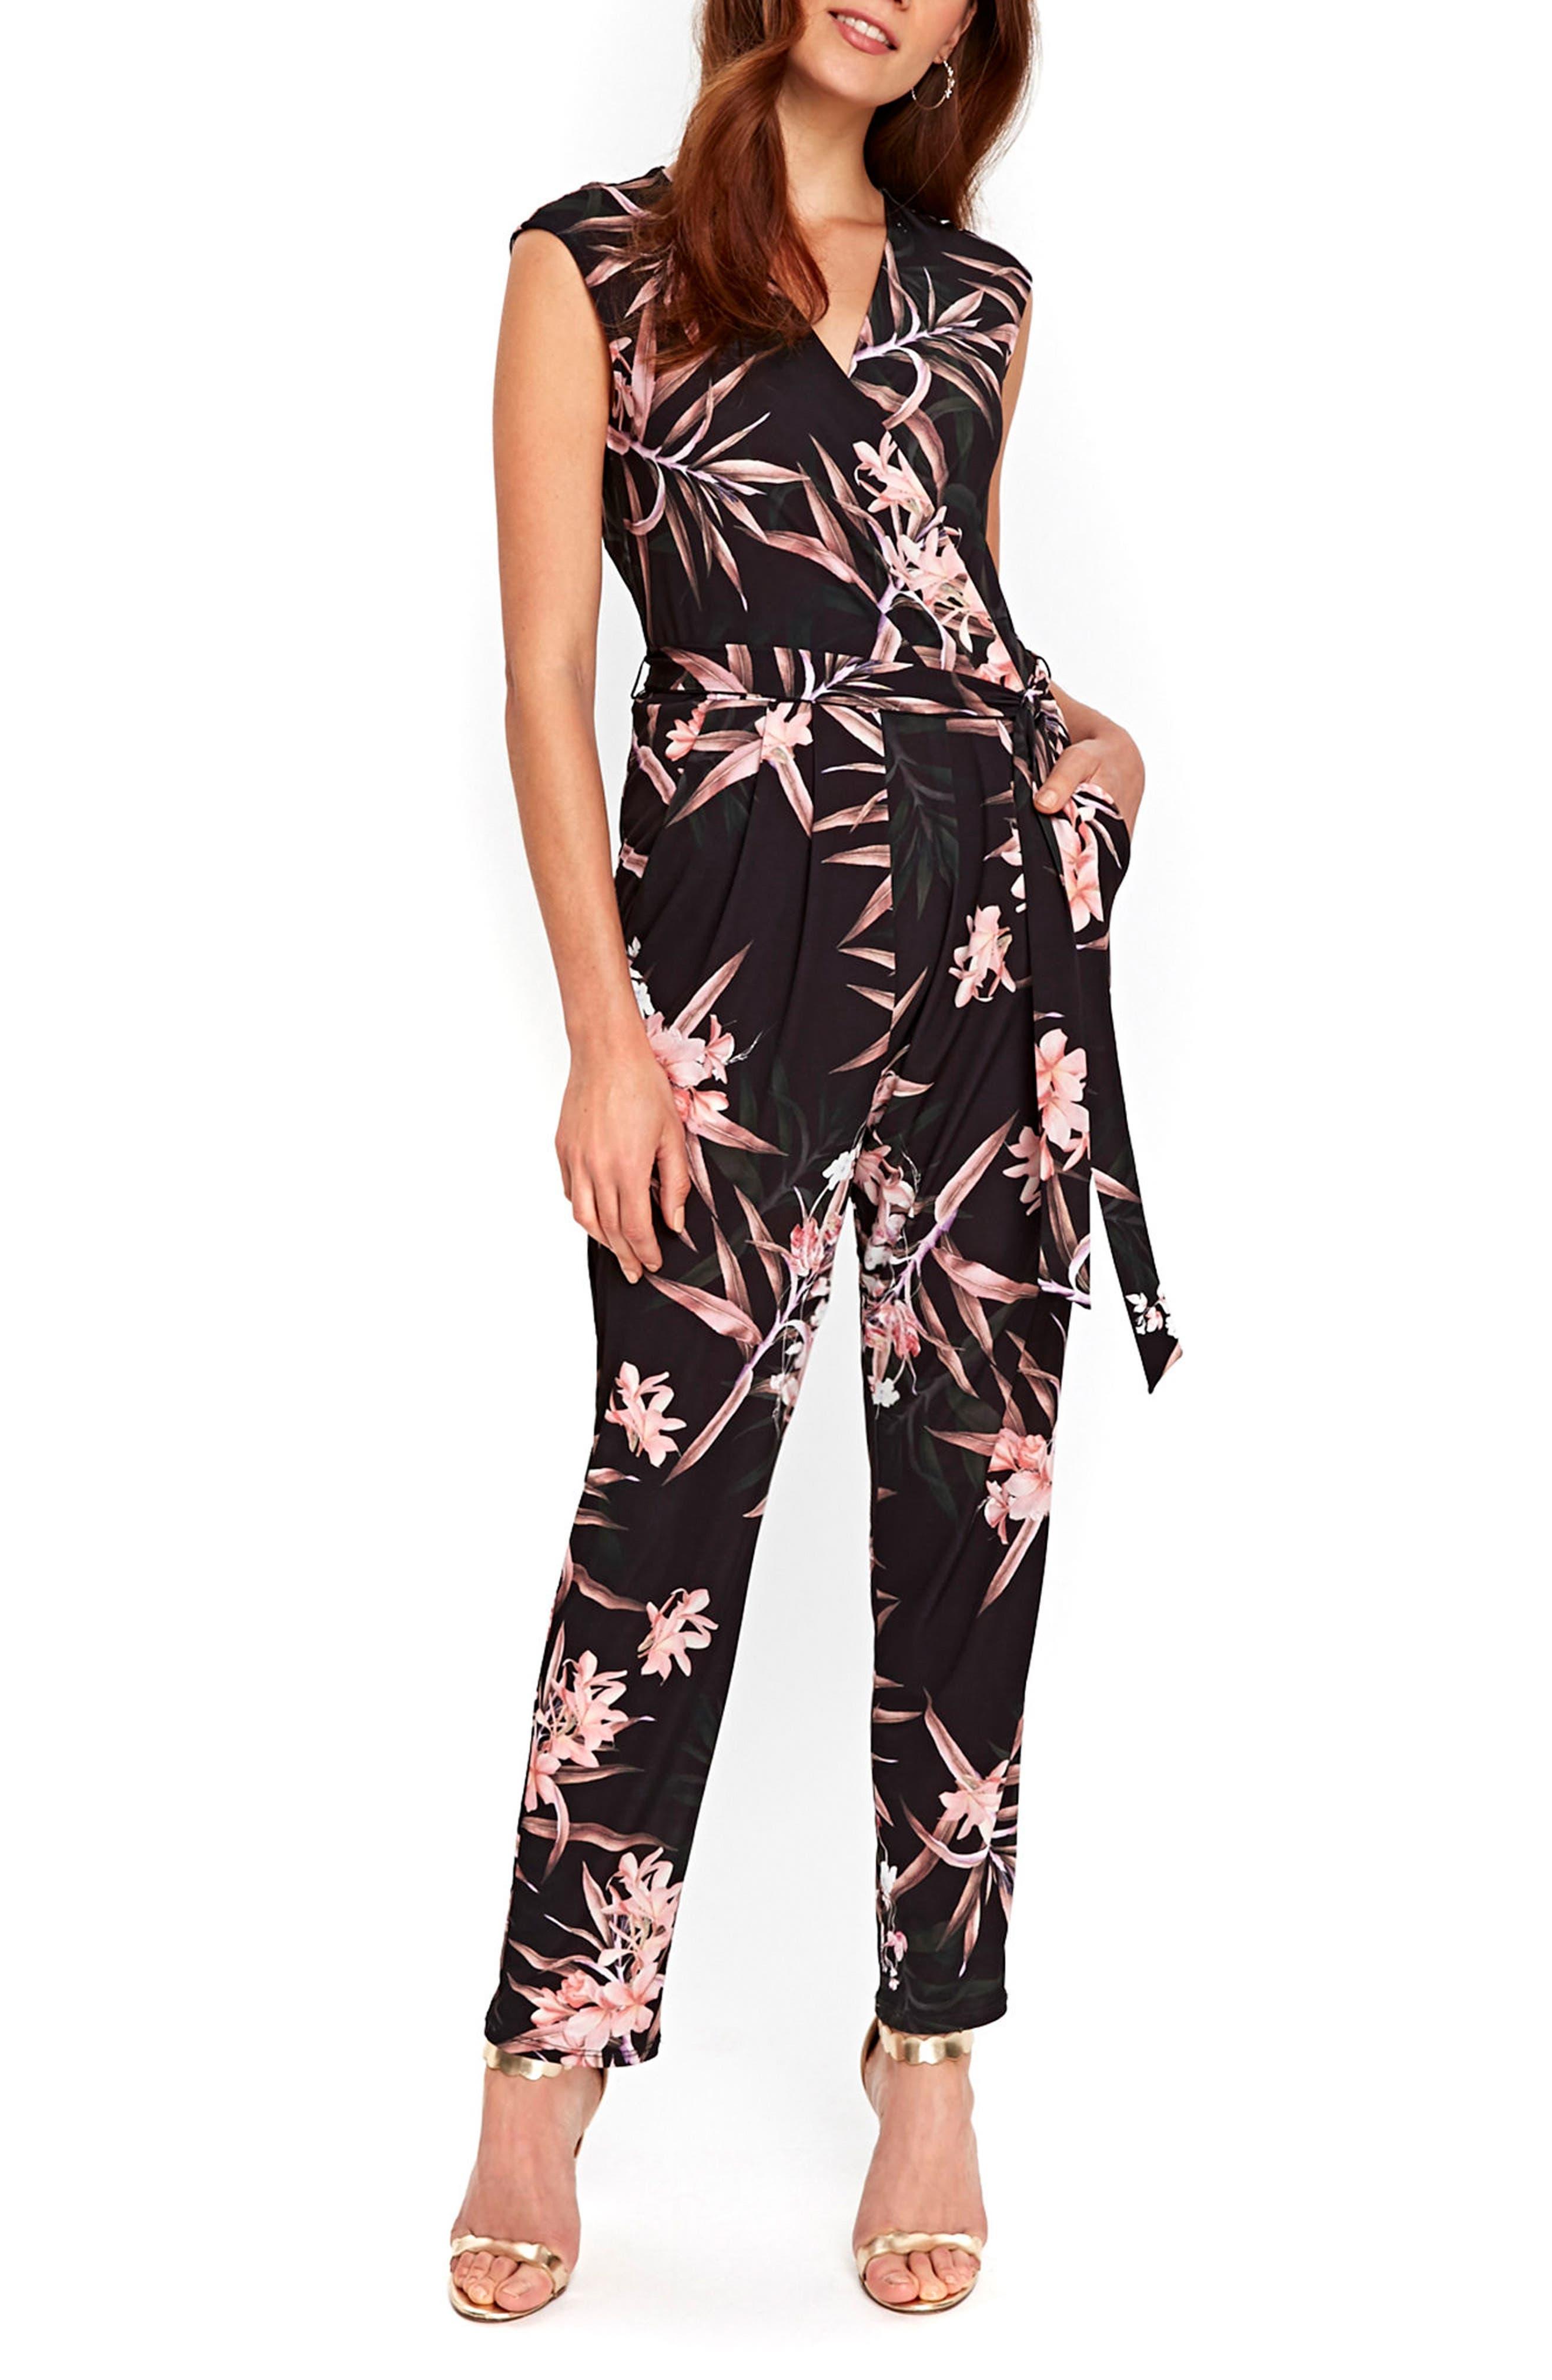 Fern Floral Jersey Jumpsuit,                             Main thumbnail 1, color,                             001